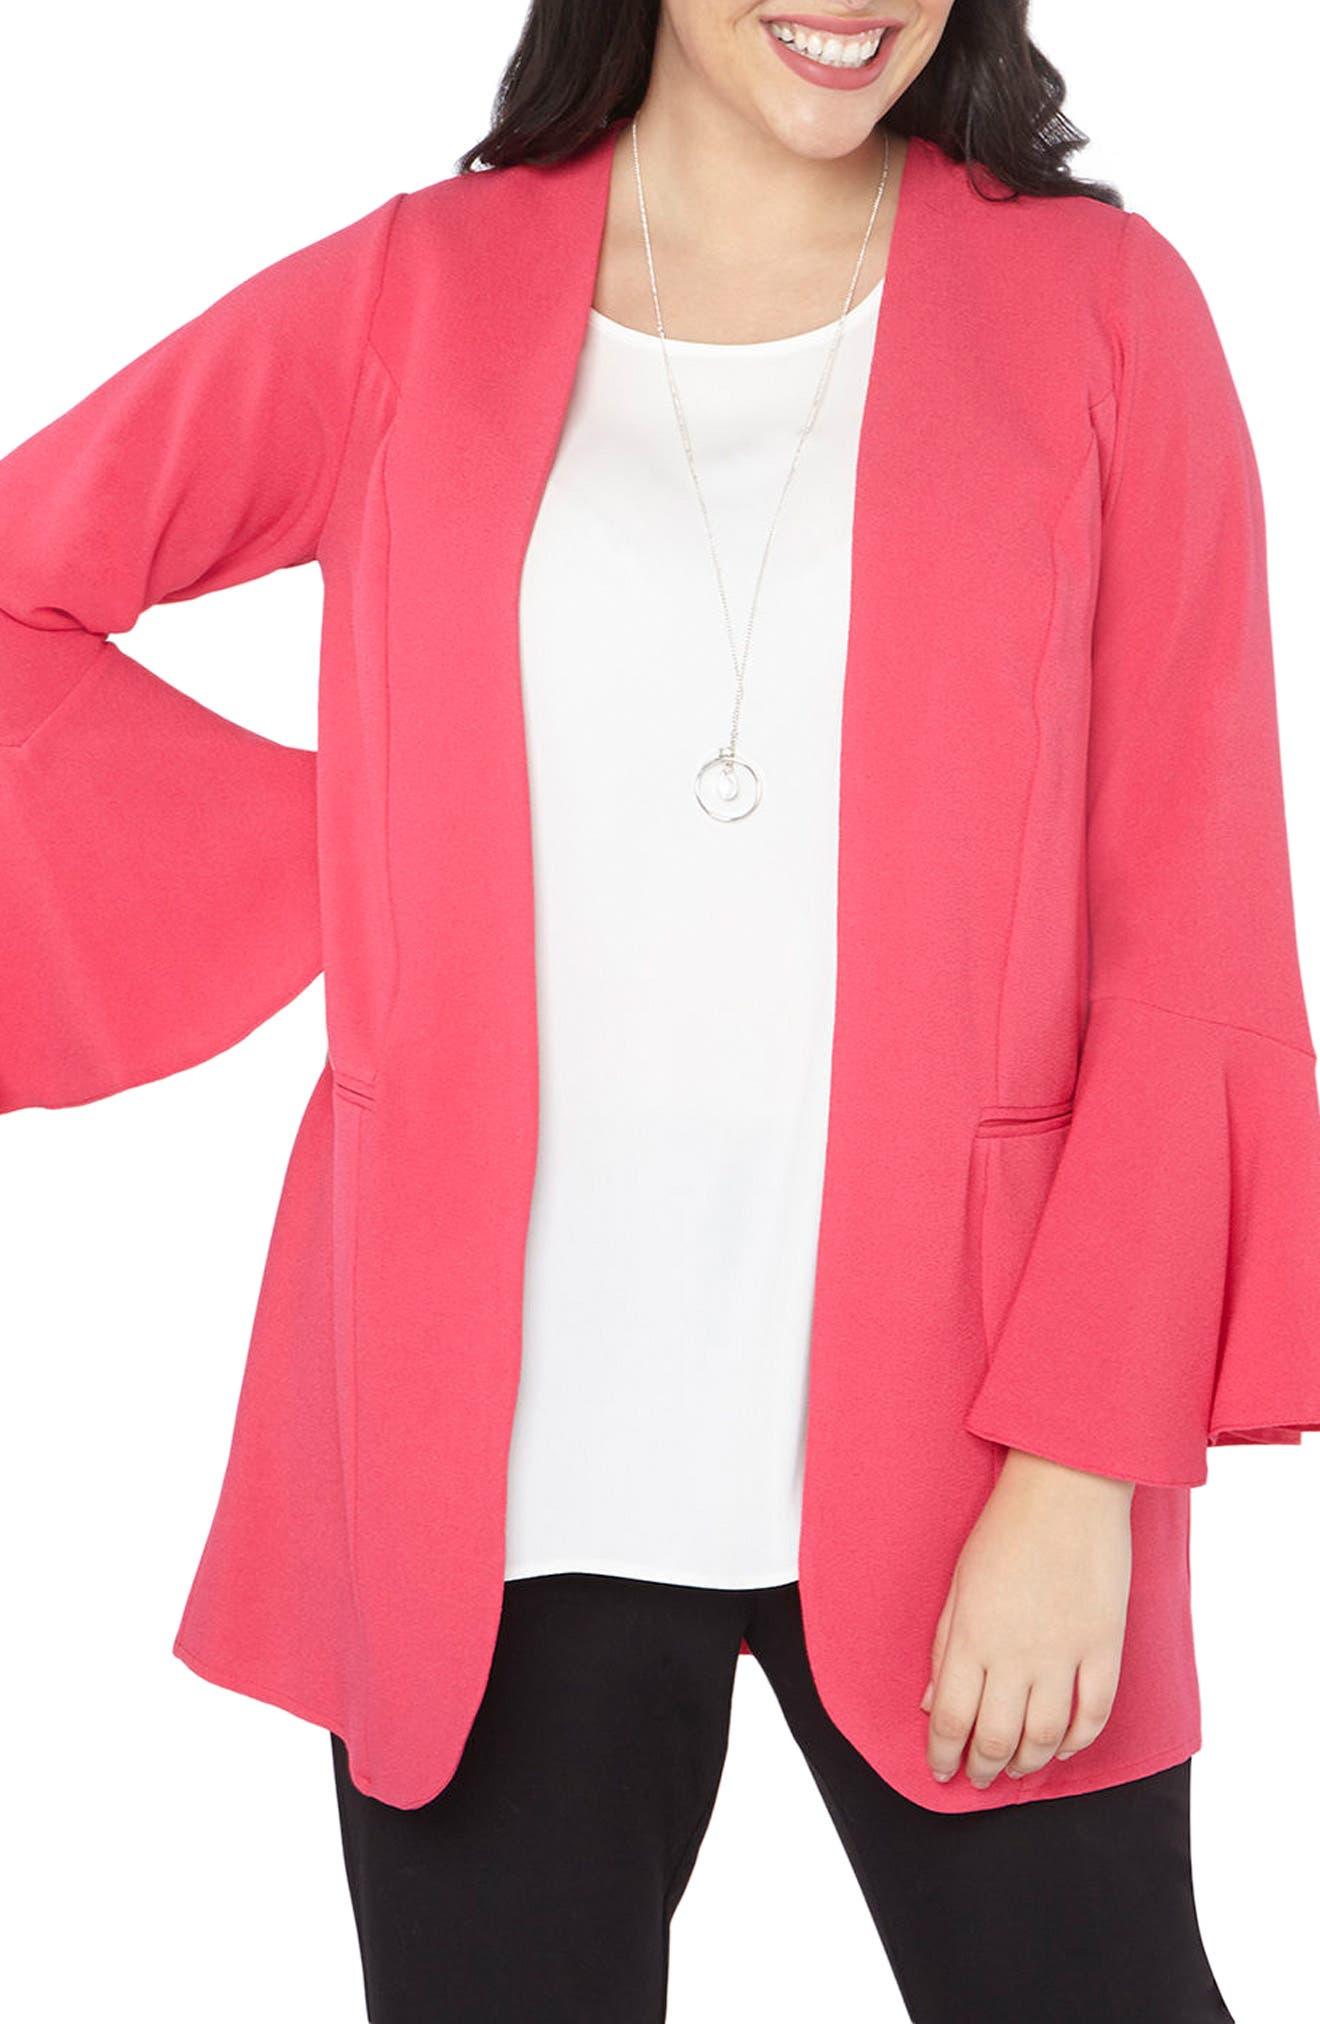 Main Image - Evans Ruffle Sleeve Jacket (Plus Size)